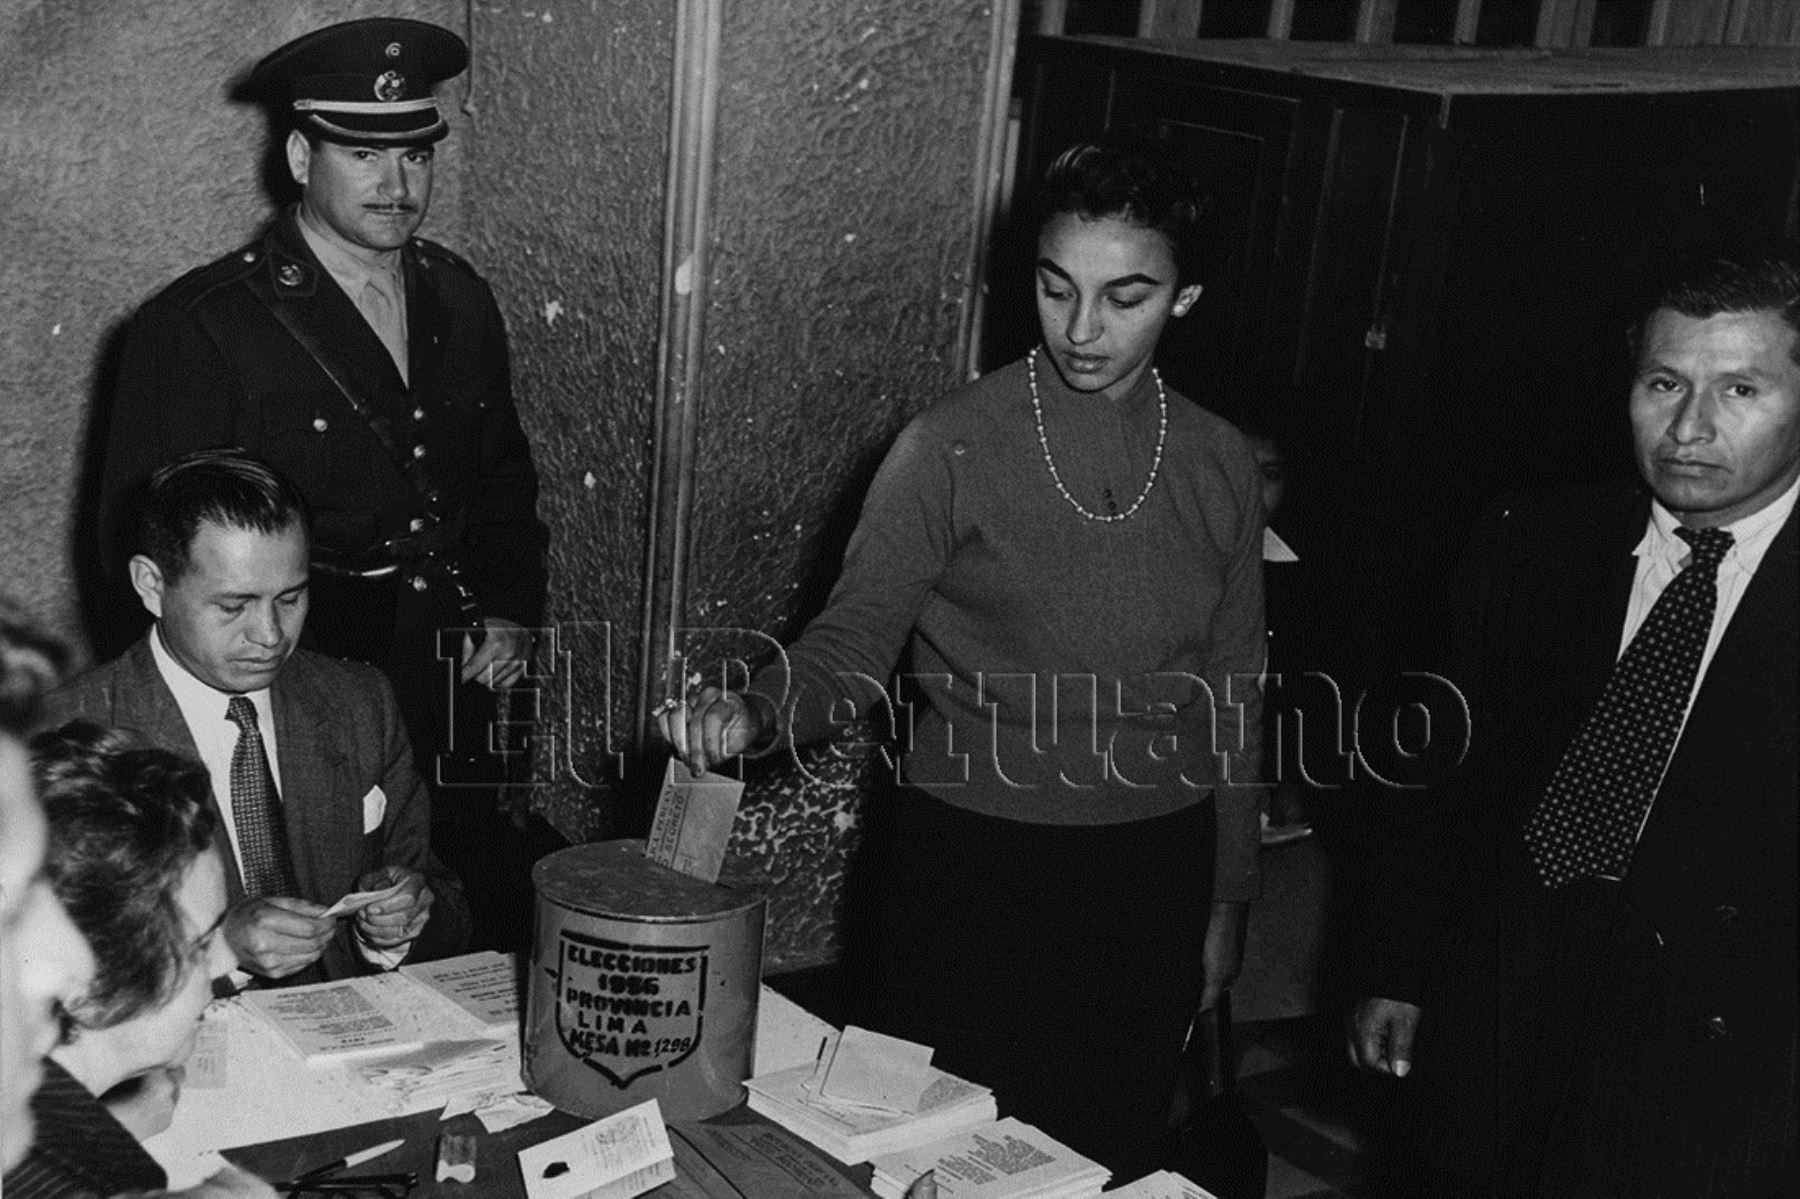 La mujer peruana sufragó por primera vez en las elecciones generales de 1956, un hito en la historia de la lucha por la igualdad.